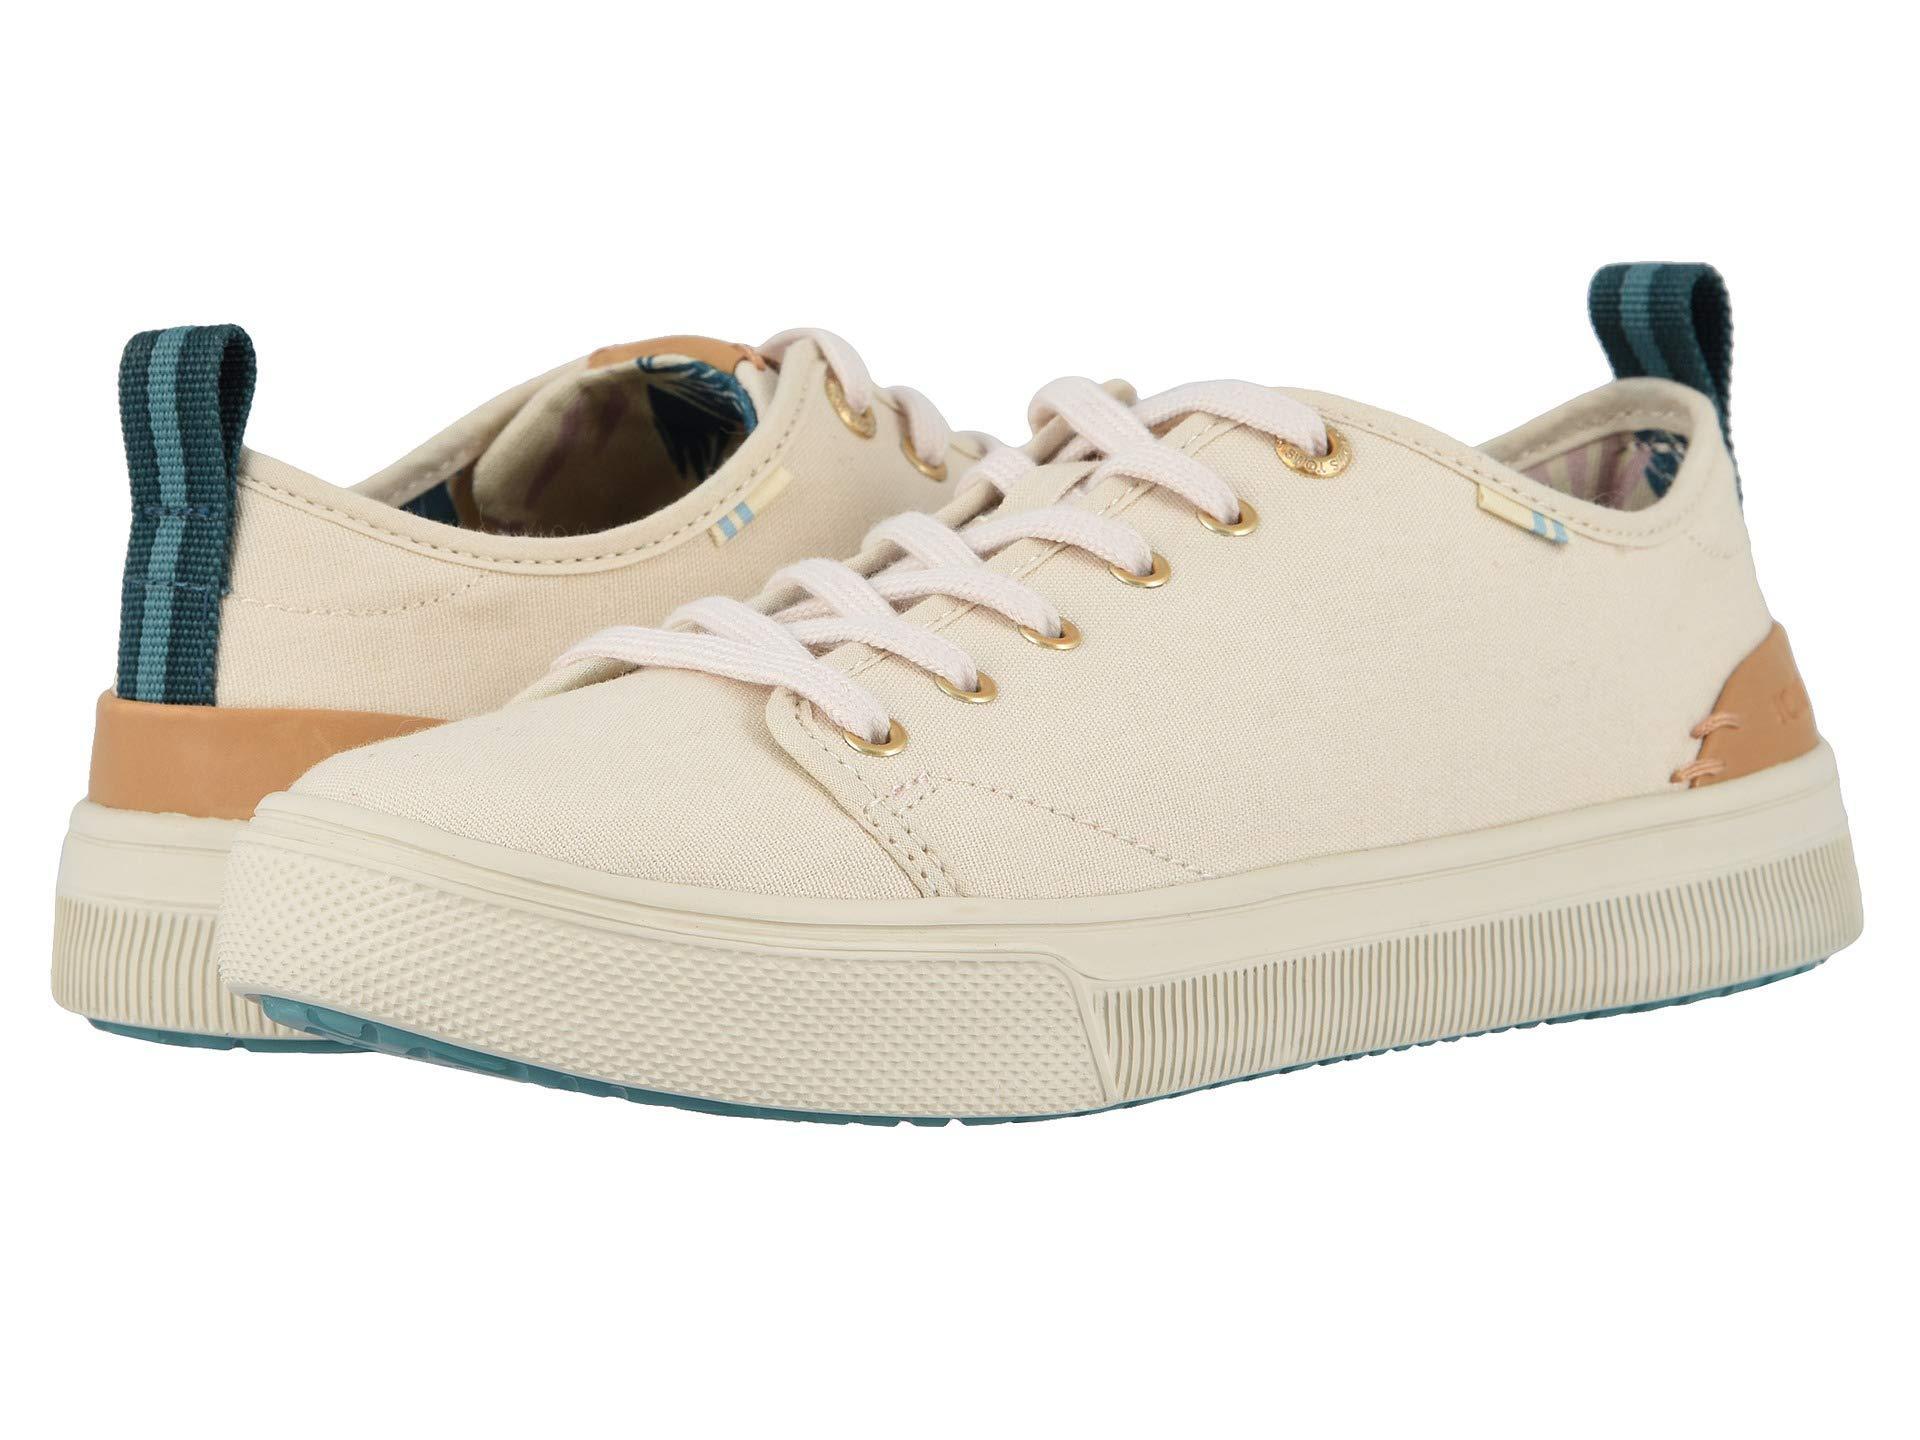 dd37ac4644e Lyst - TOMS Trvl Lite Low (birch Canvas) Women s Shoes